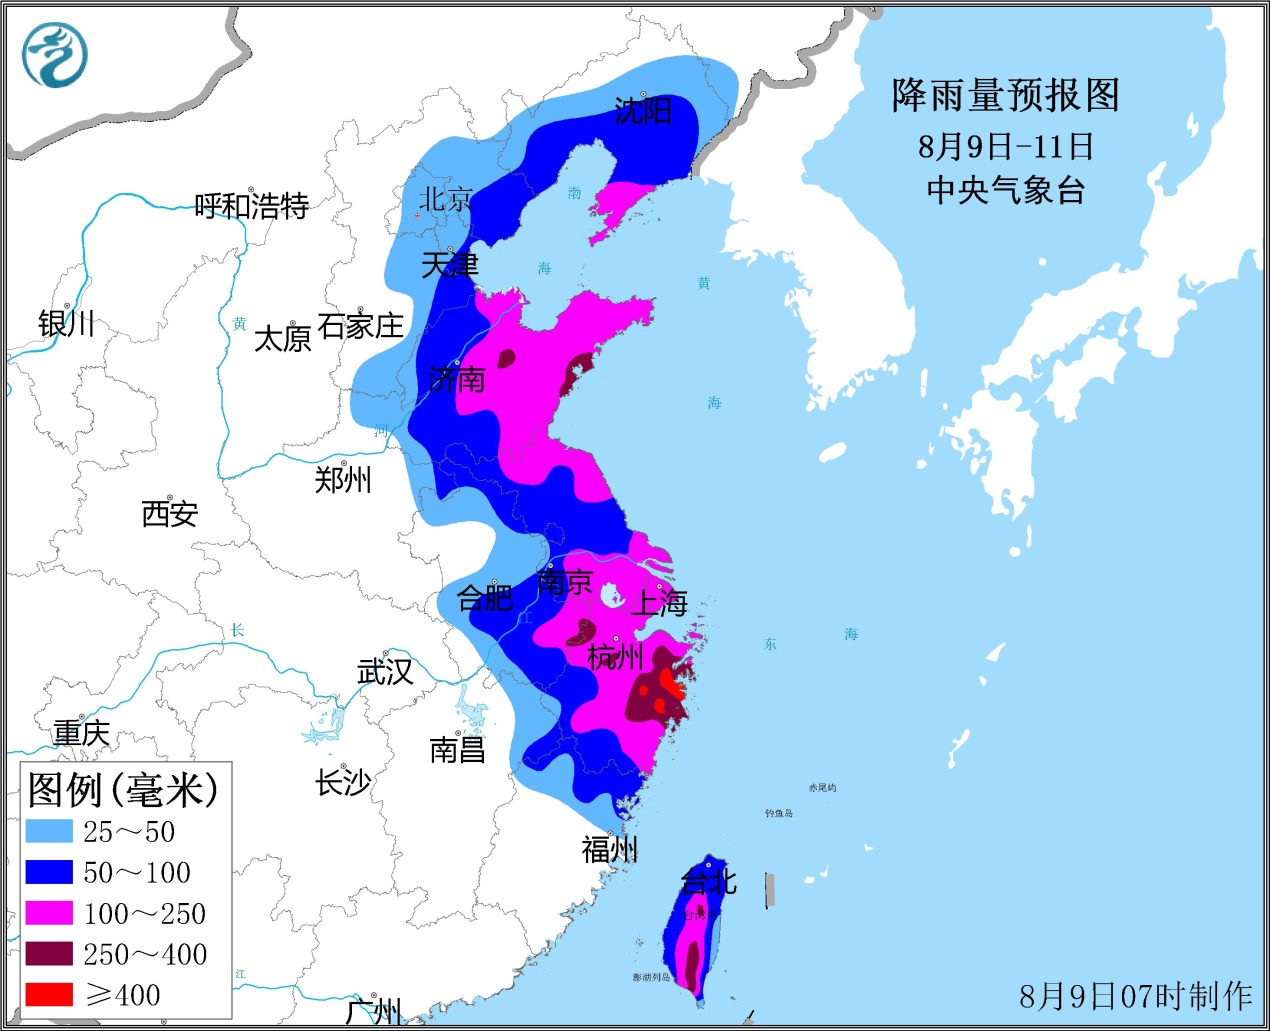 超强台风 利奇马 10日将登陆浙江 我国东部沿海等地将有严重风雨影响